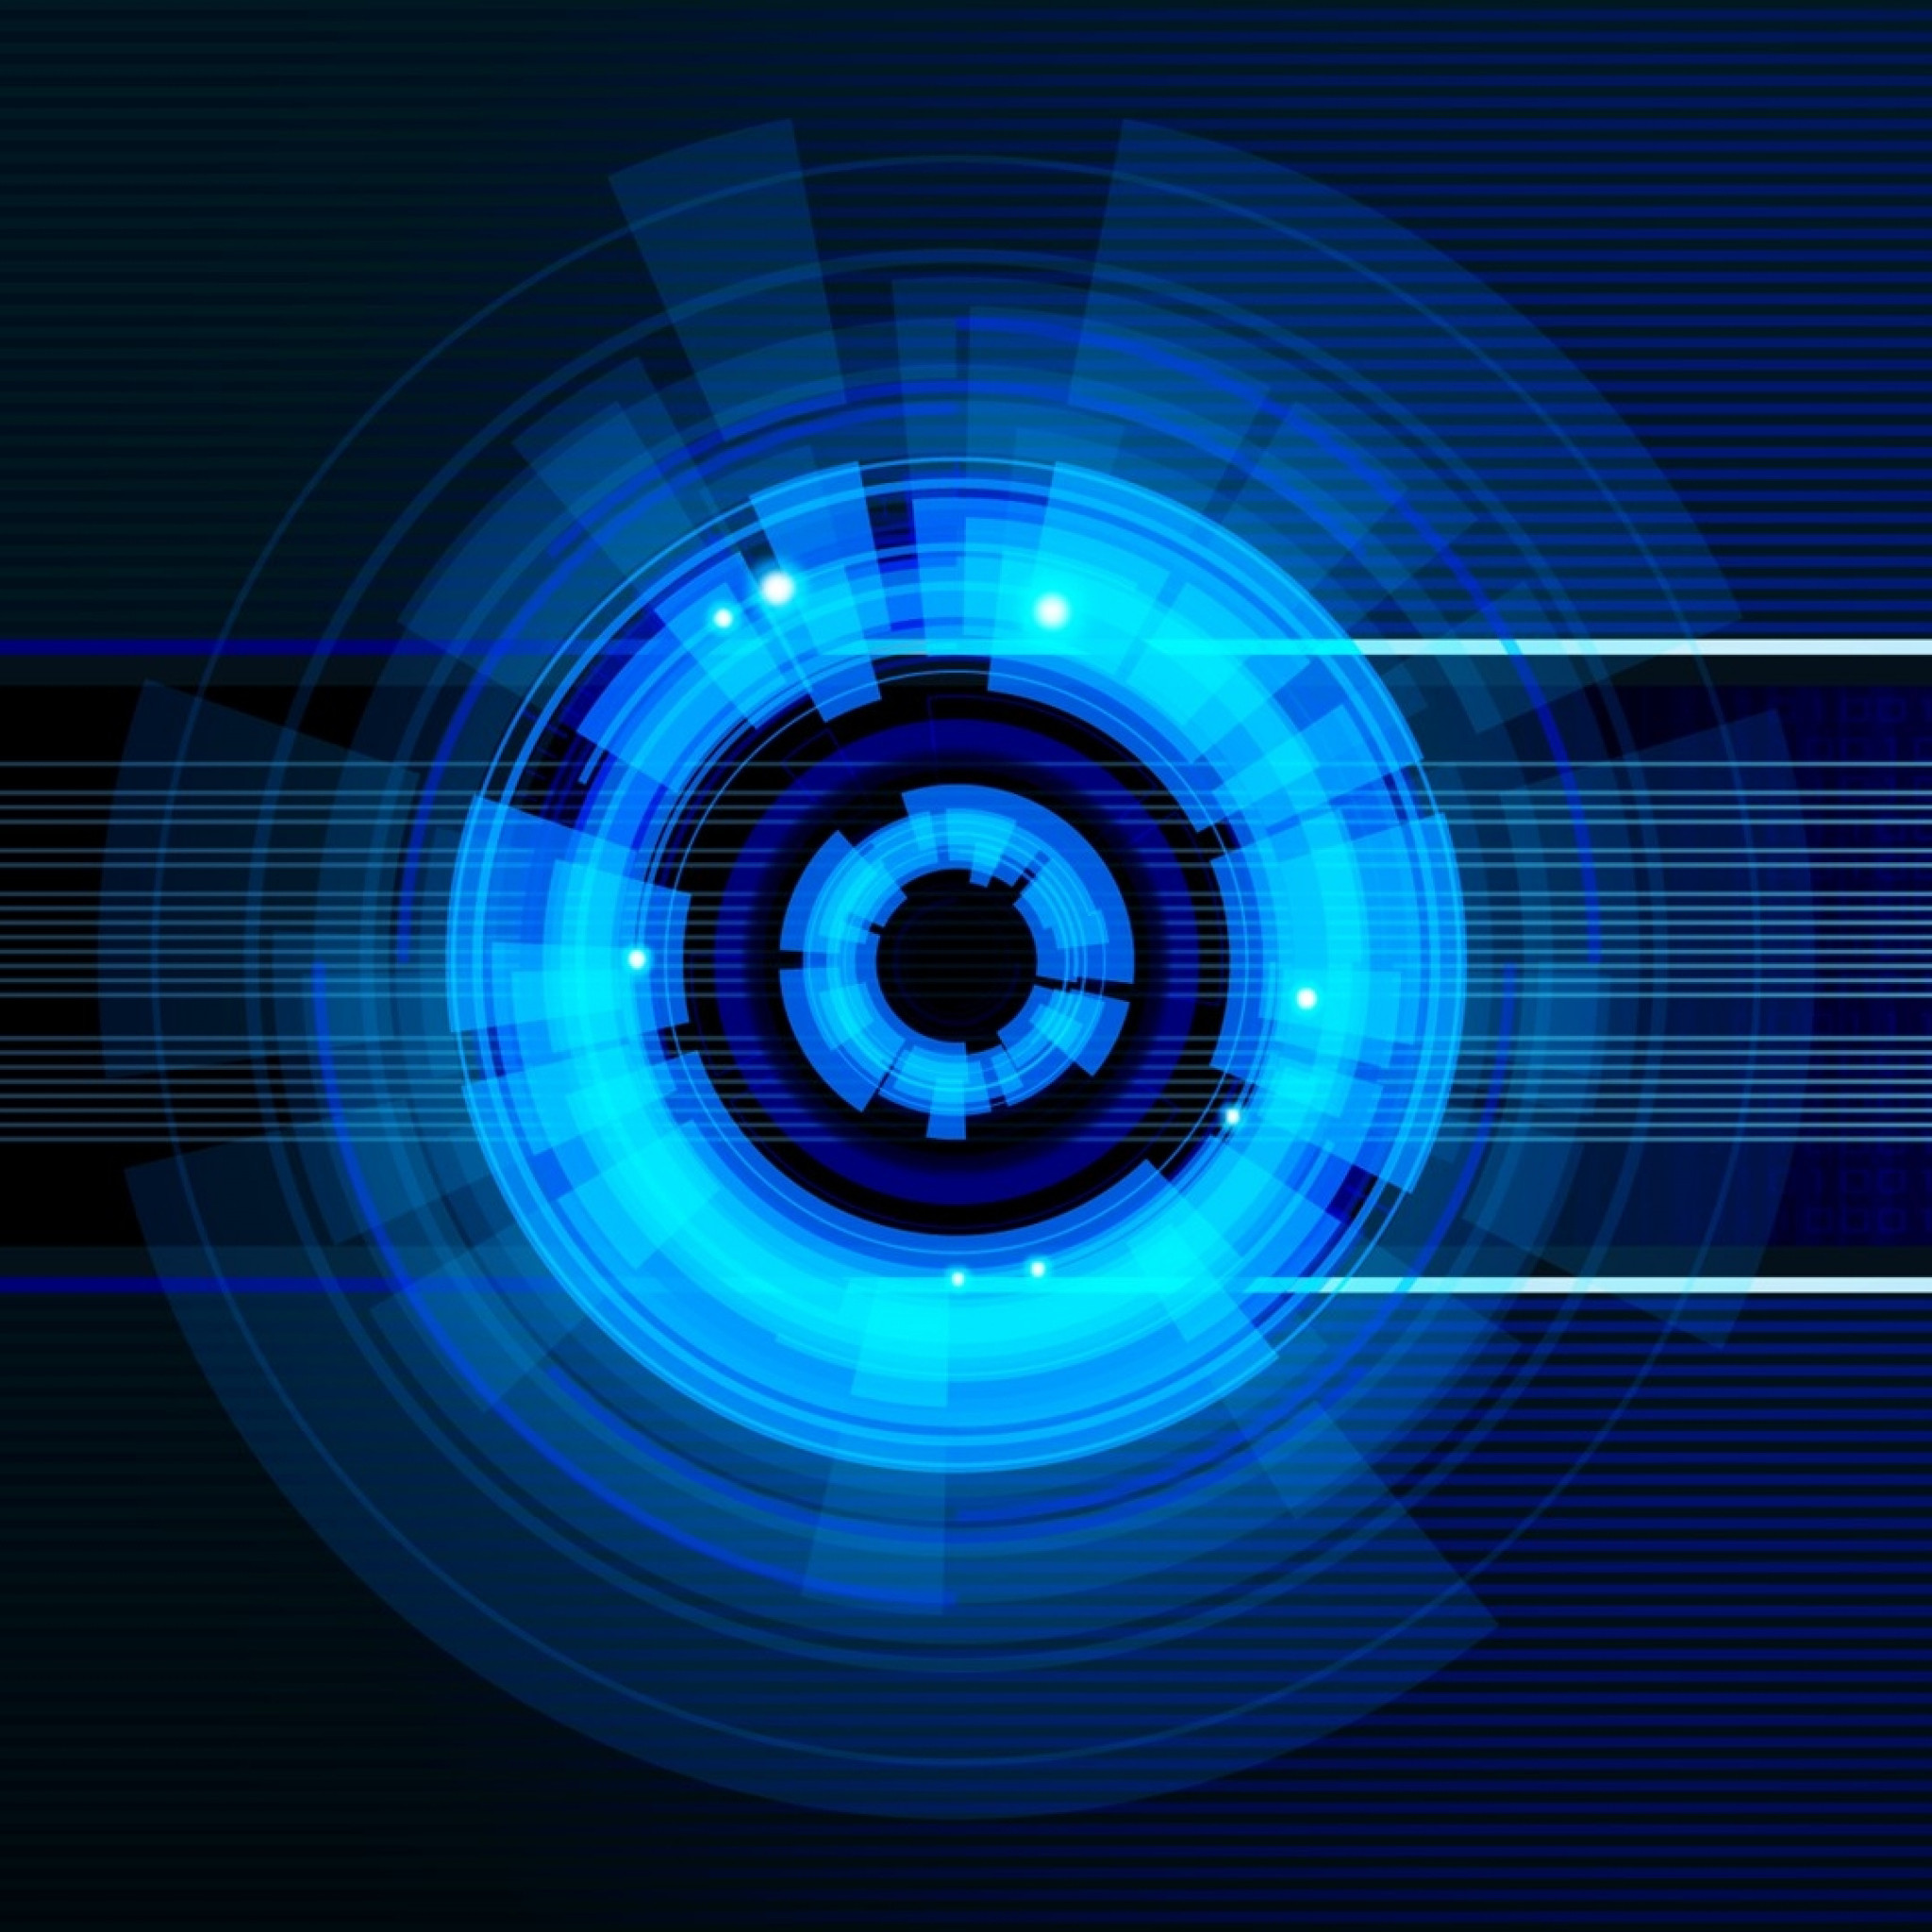 Neon Desktop Backgrounds (63+ Images